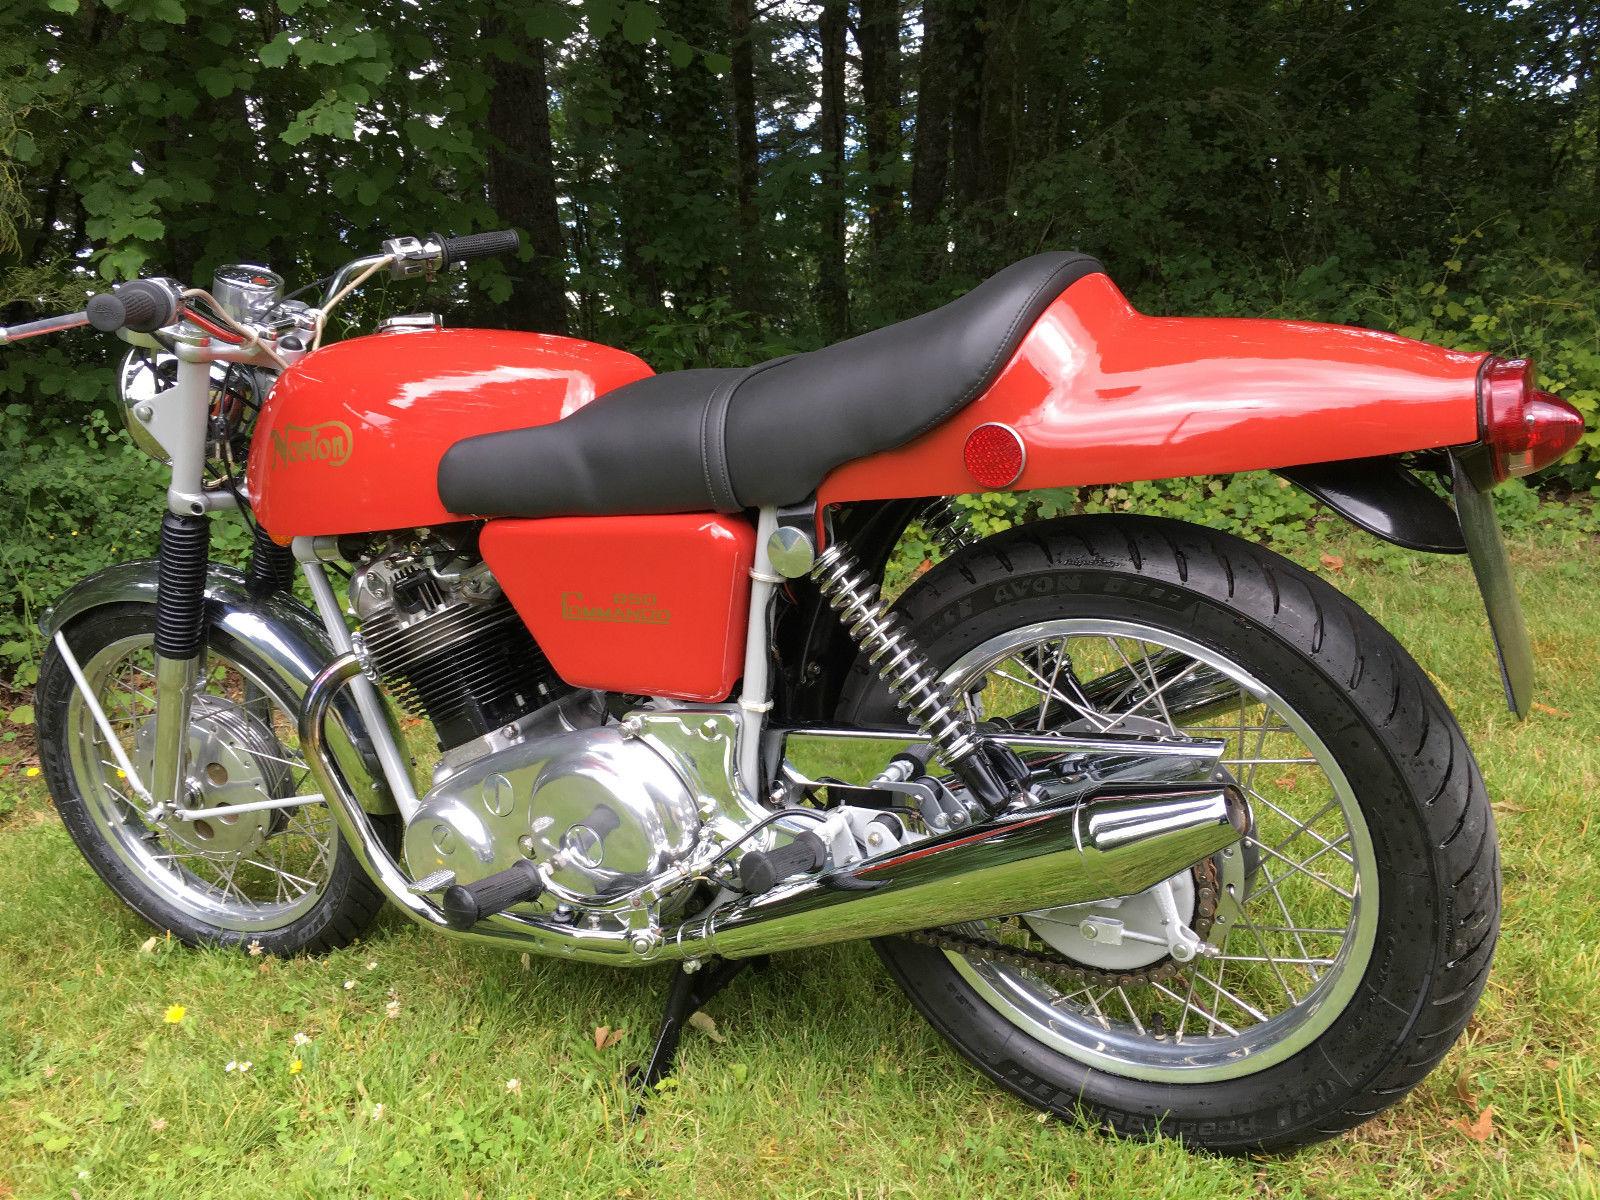 Norton Commando Fastback - 1972